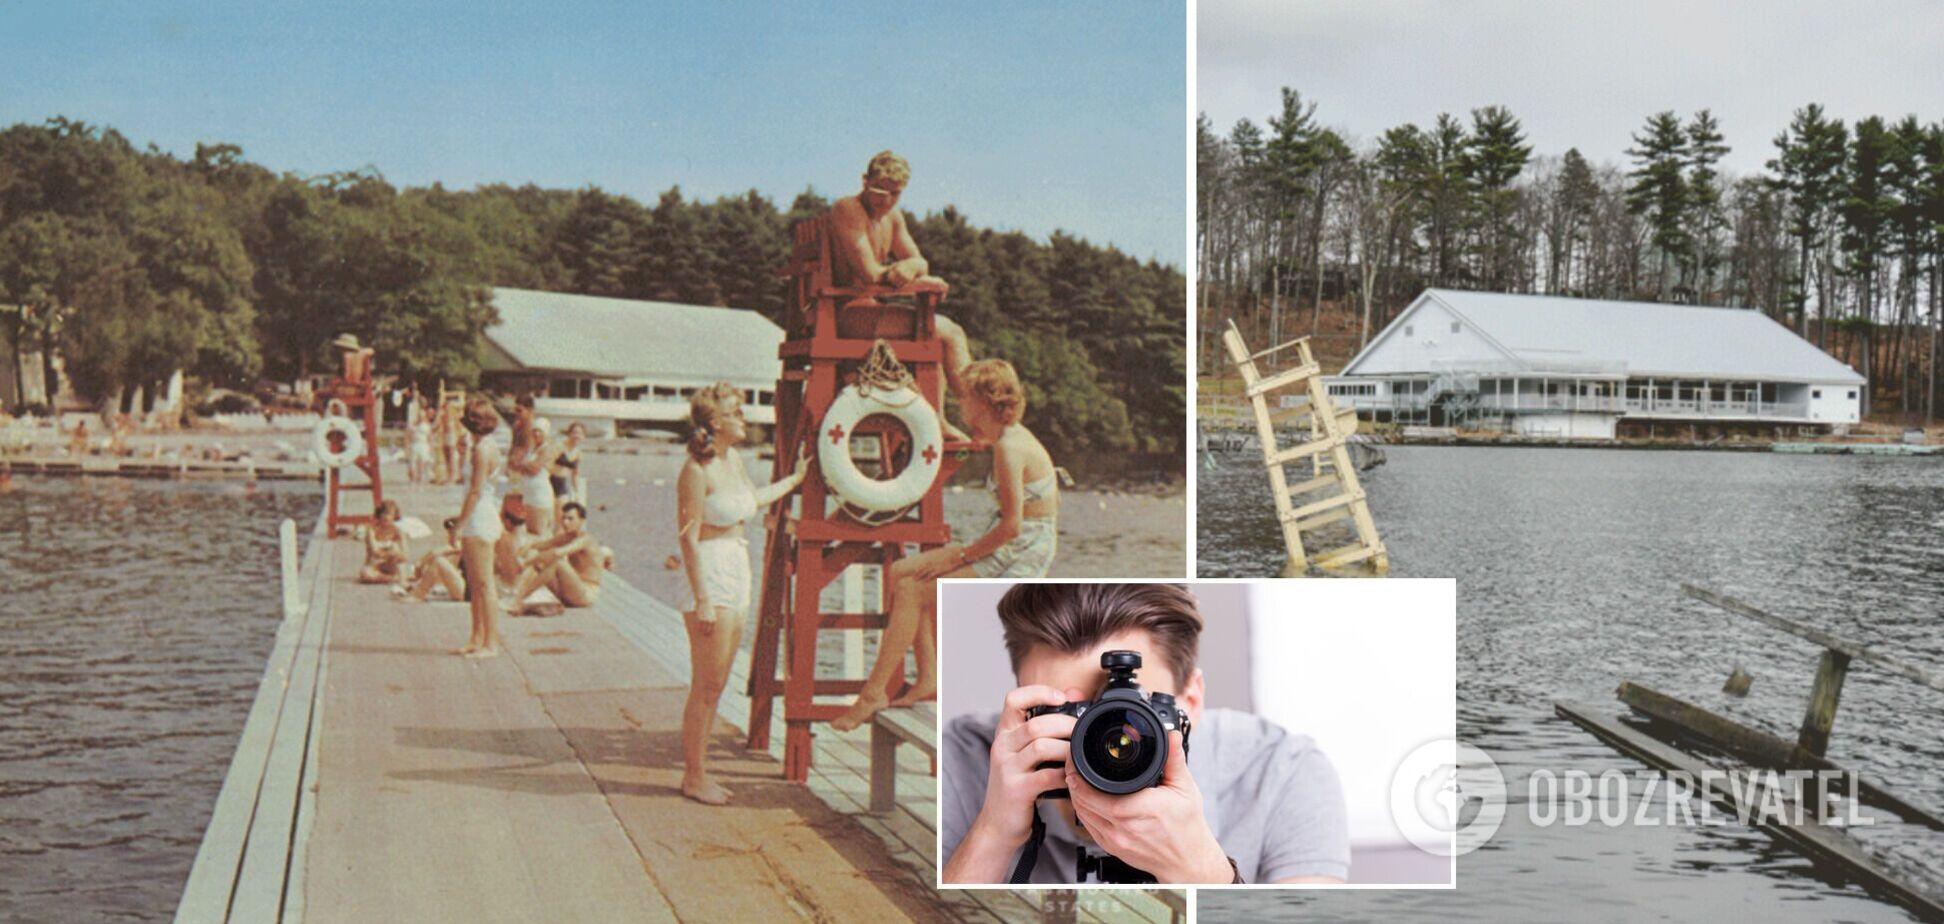 В сети показали роскошные места отдыха в 60-х и что с ними стало спустя полвека. Фото